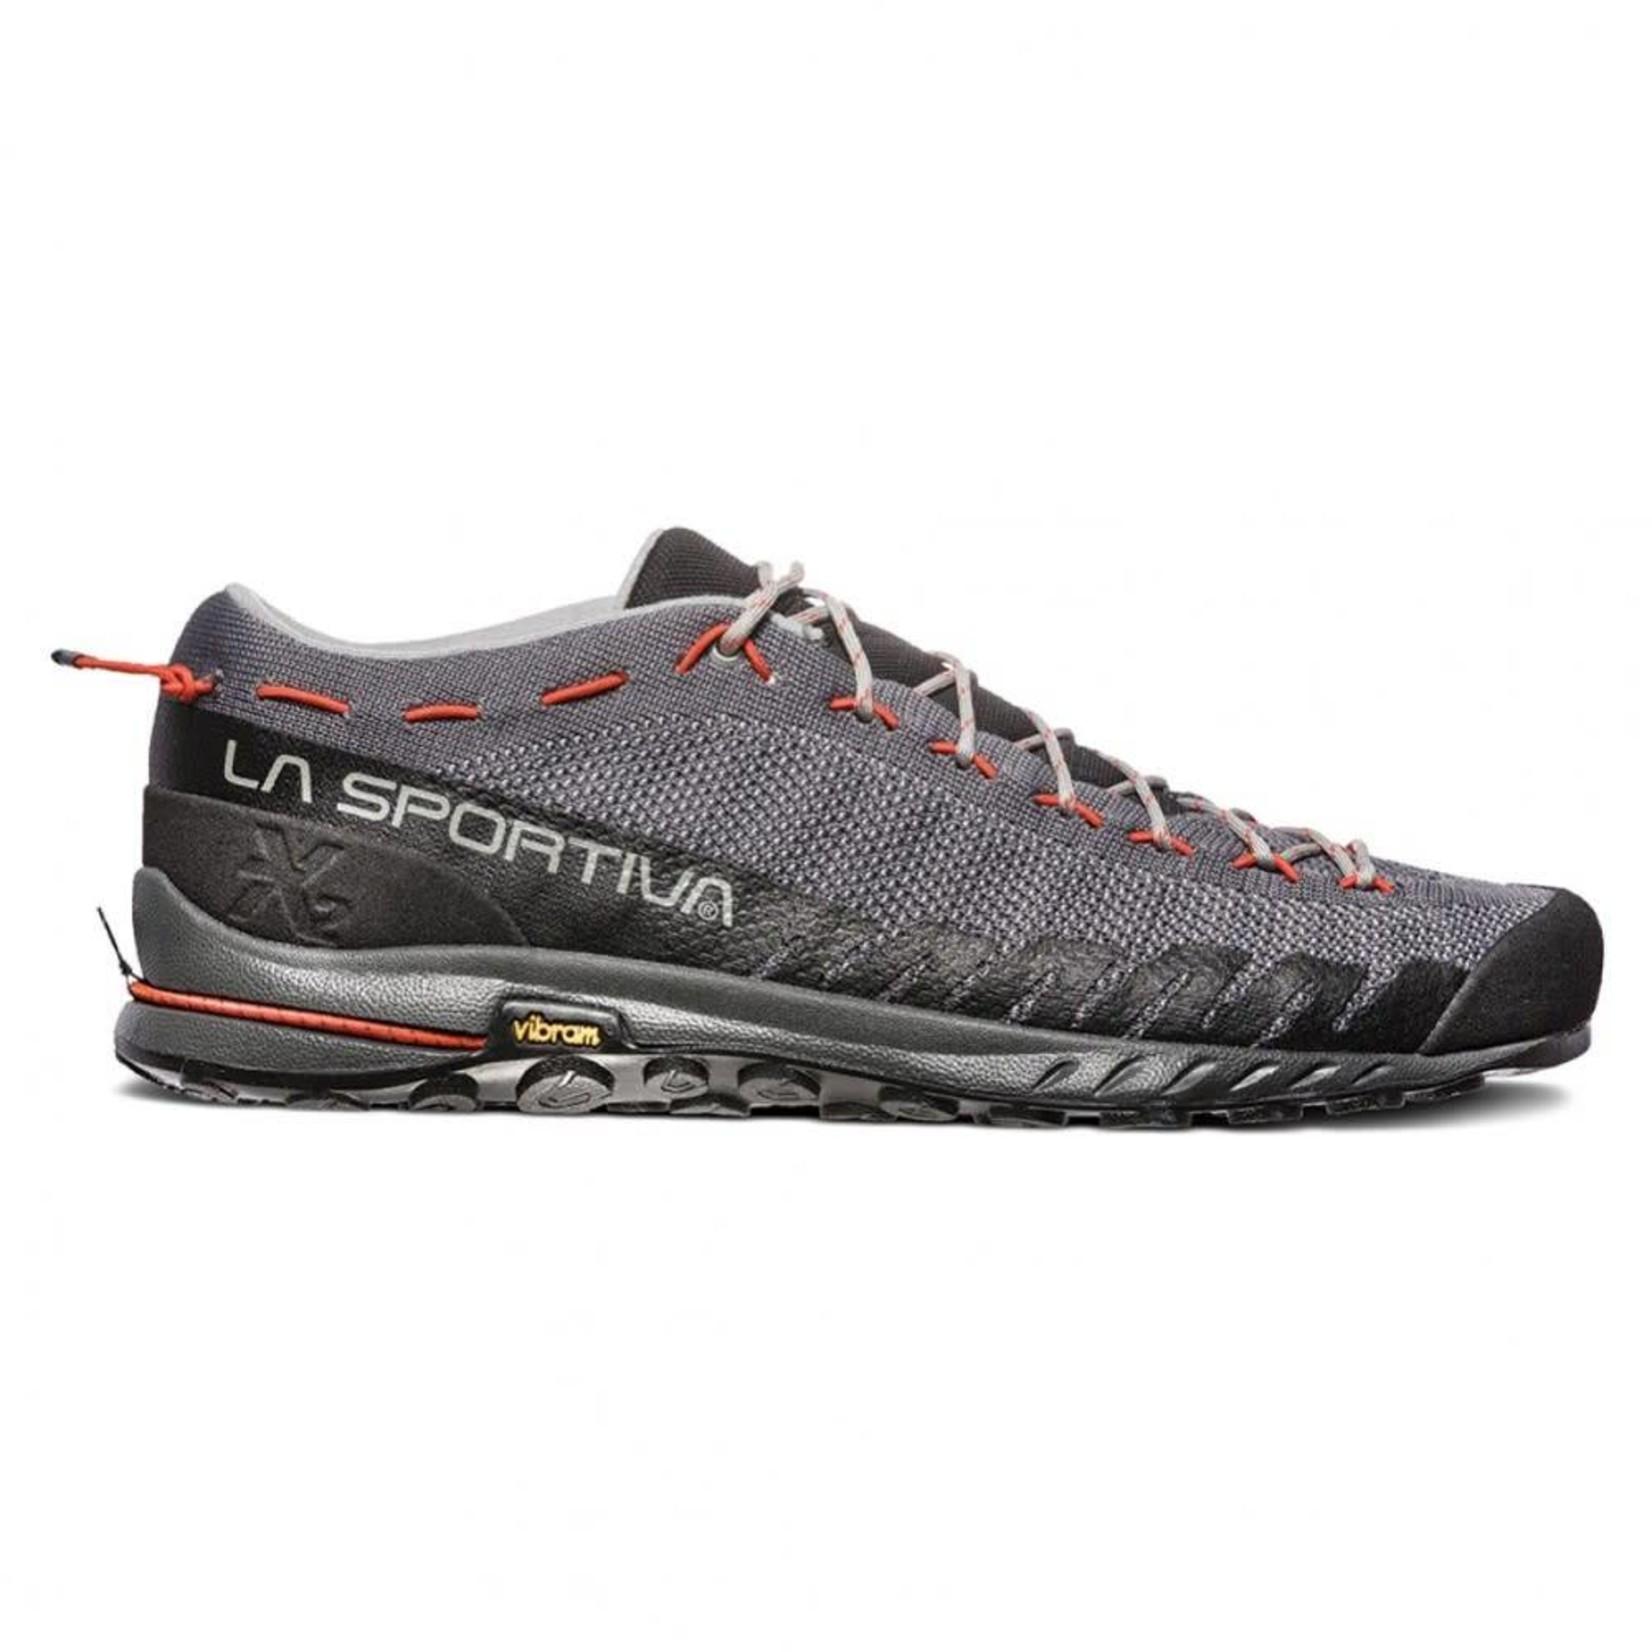 La Sportiva La Sportiva TX2 Approach Shoe - Men